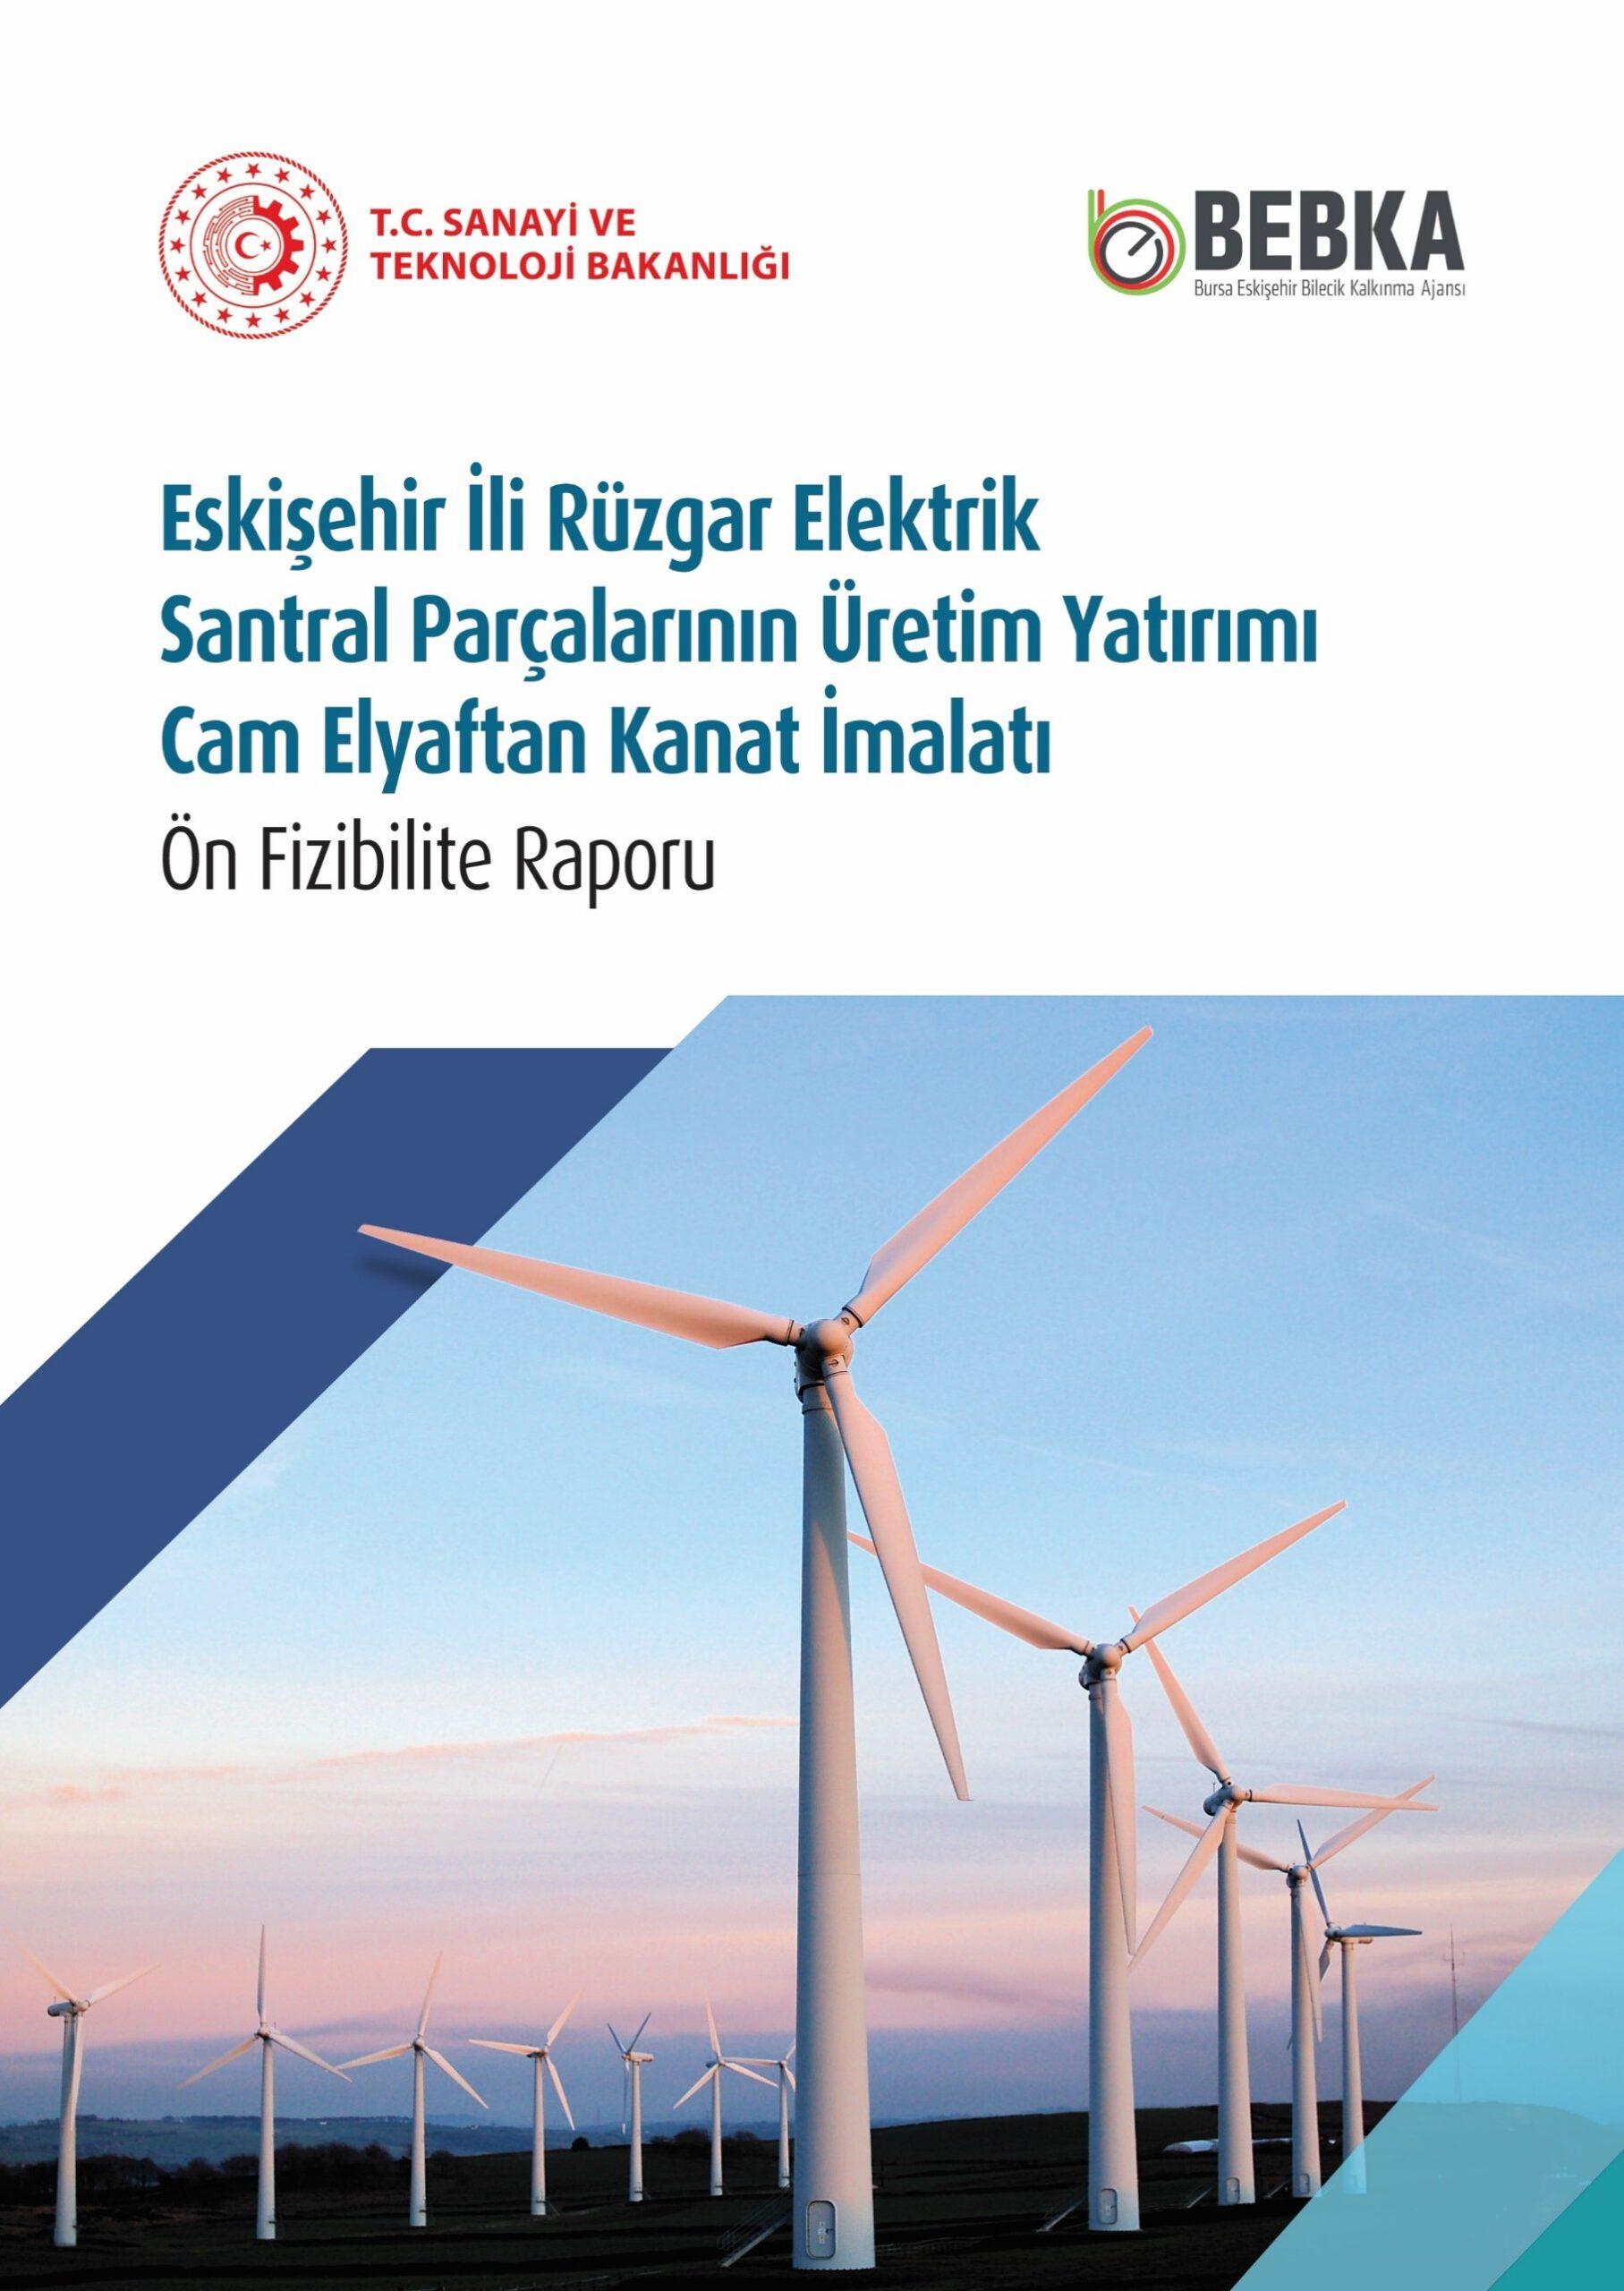 Eskişehir İli Rüzgar Elektrik Santral Parçalarının Üretim Yatırımı Cam Elyaftan Kanat İmalatı  Ön Fizibilite Raporu